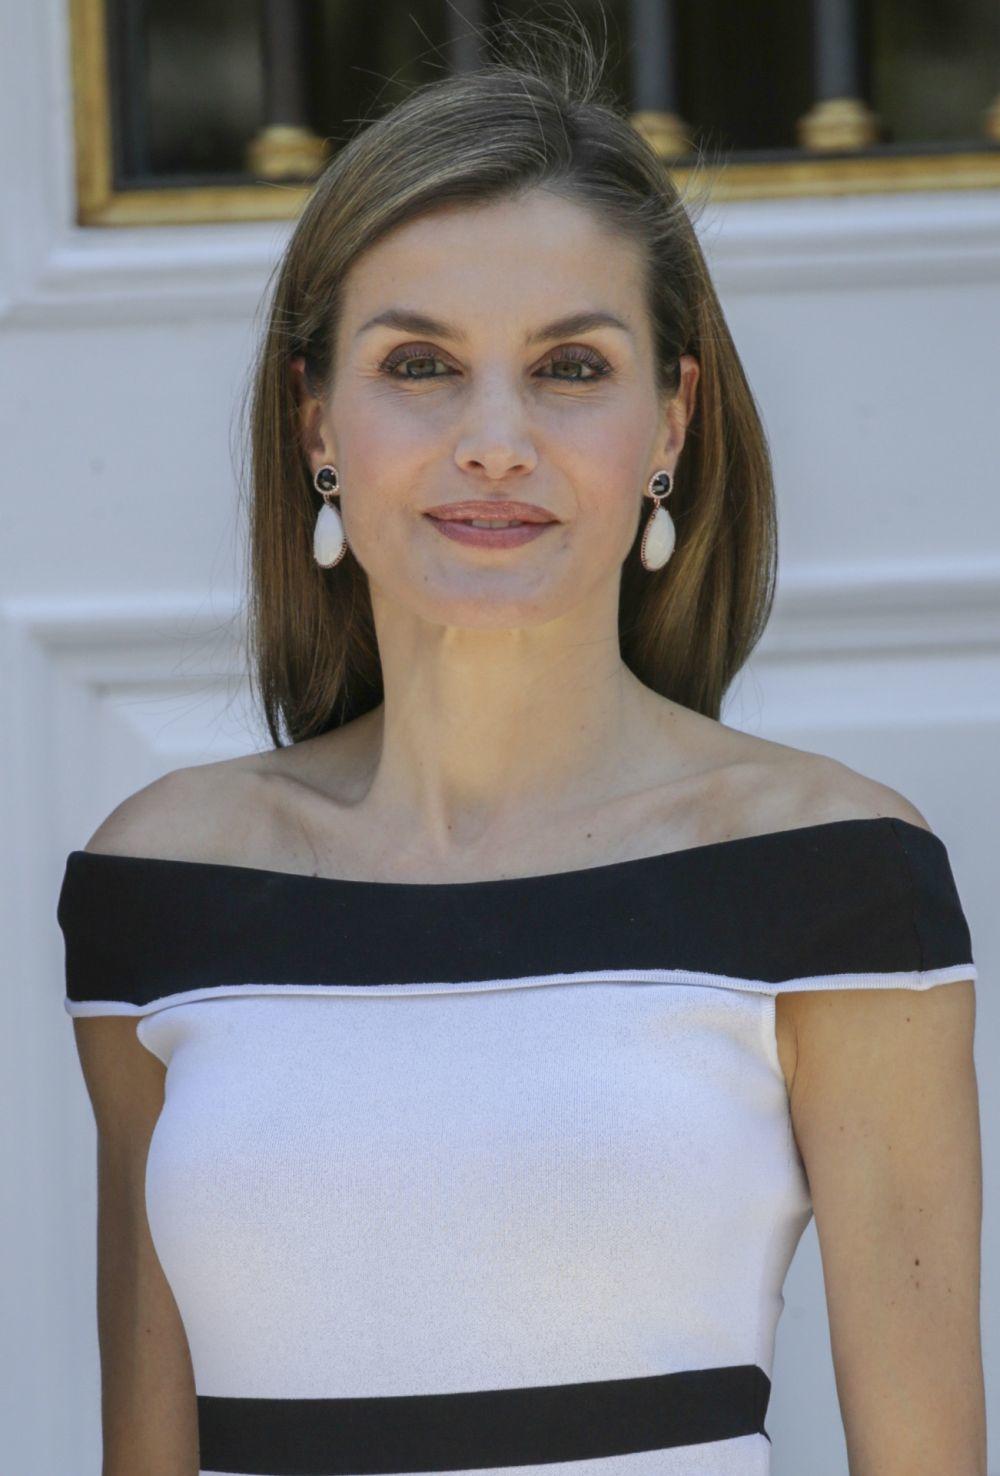 La Reina Letizia durante al visita del Presidente de Perú a España...